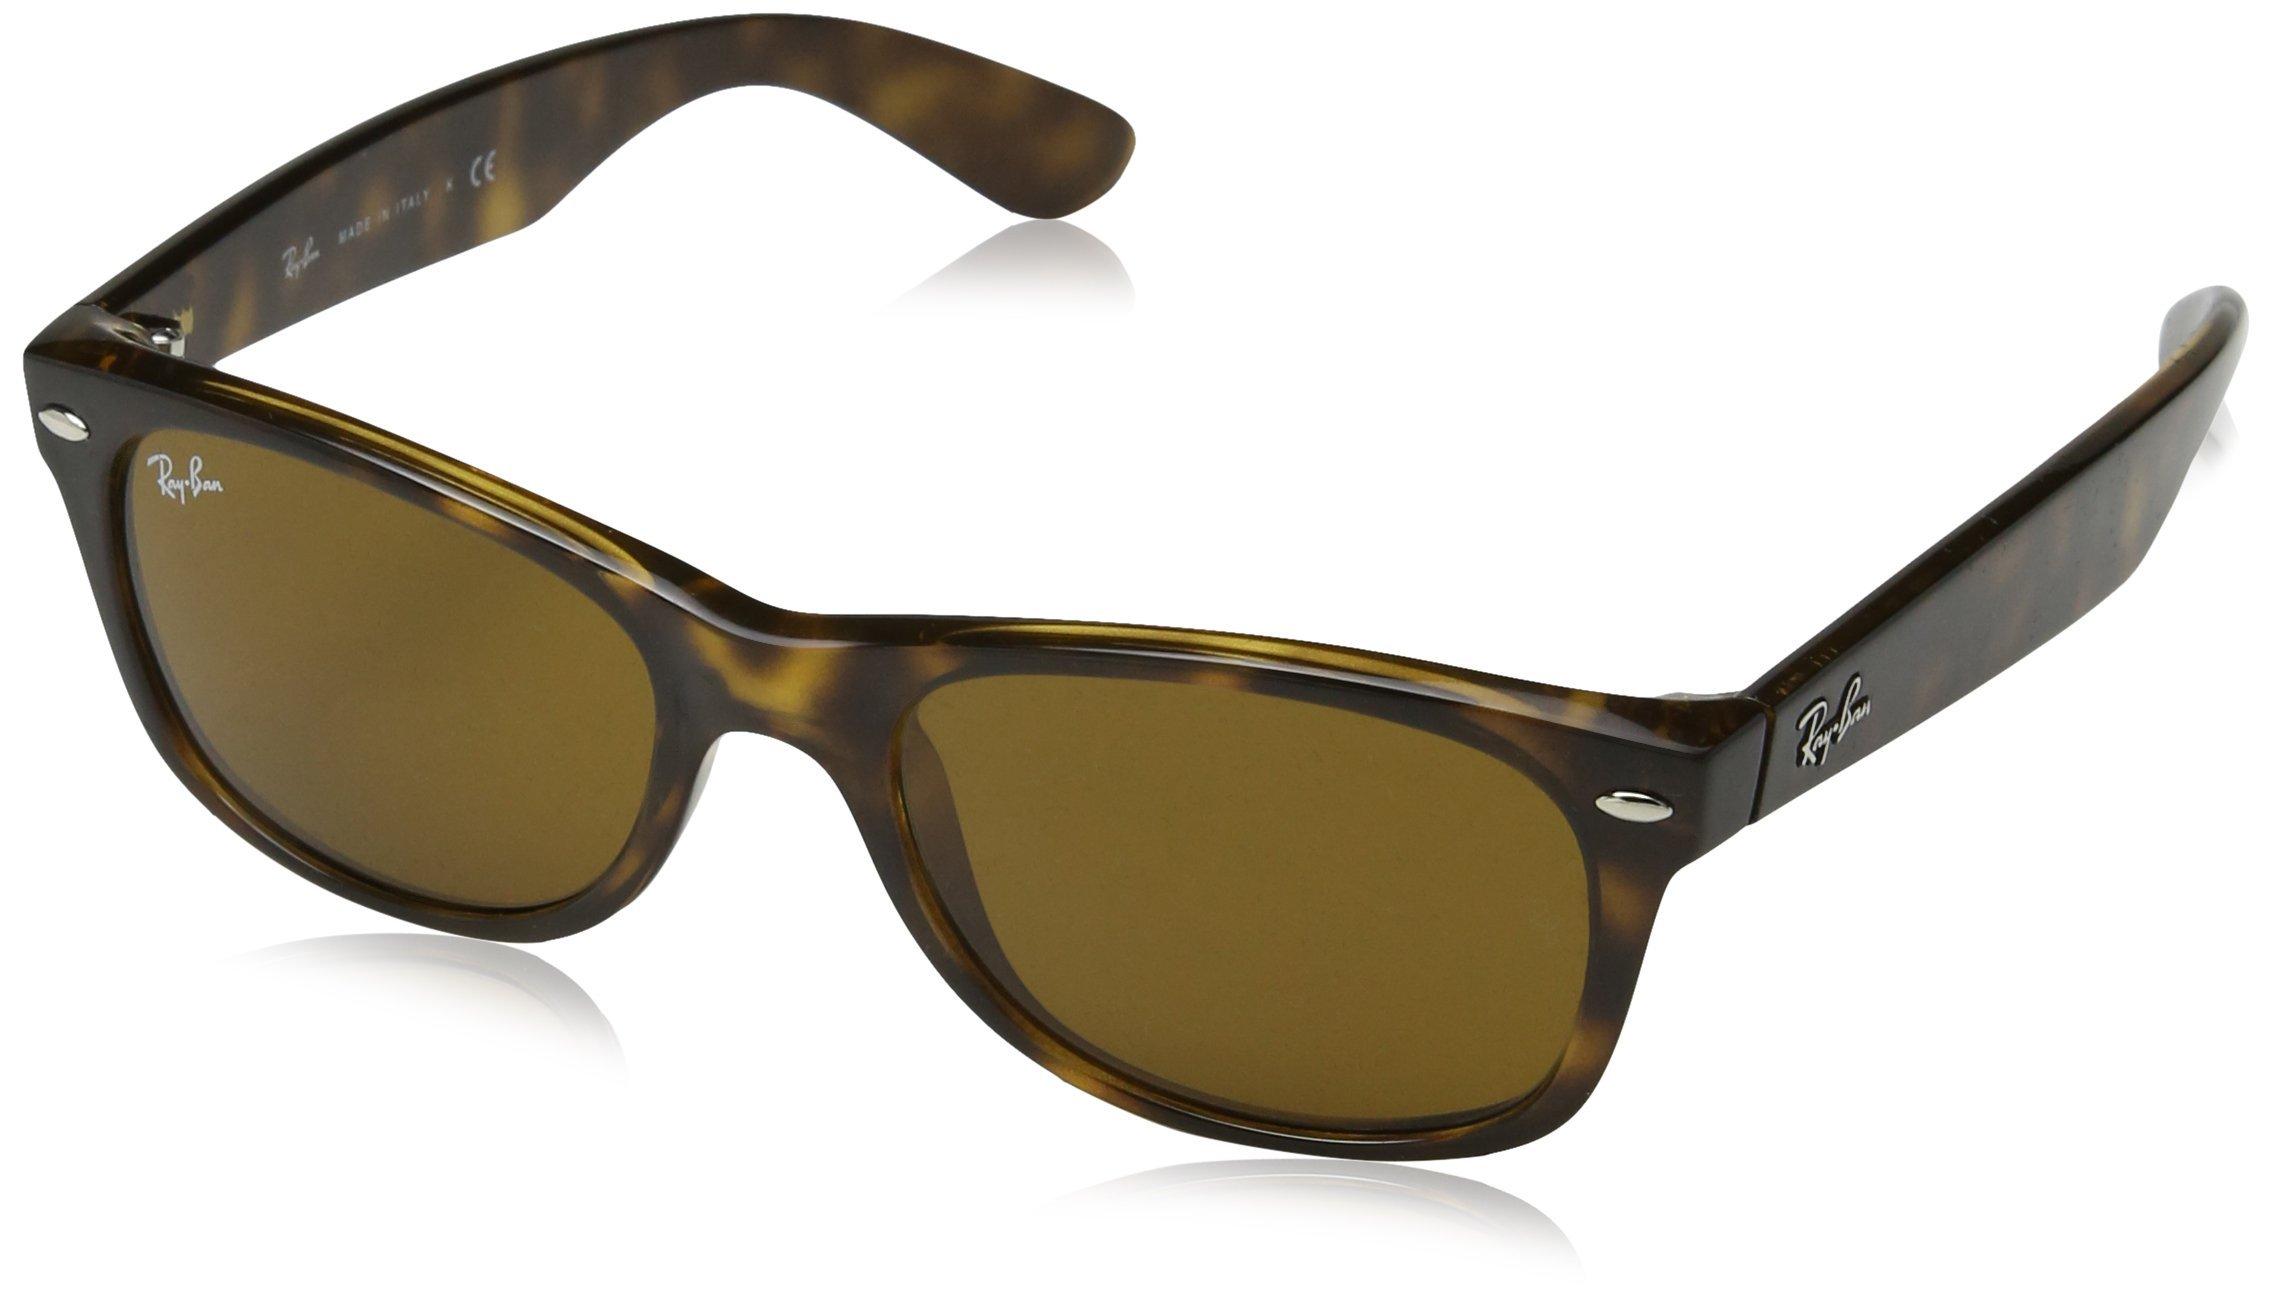 Ray-Ban New Wayfarer Classic, Light Tortoise Frame/Brown Lens